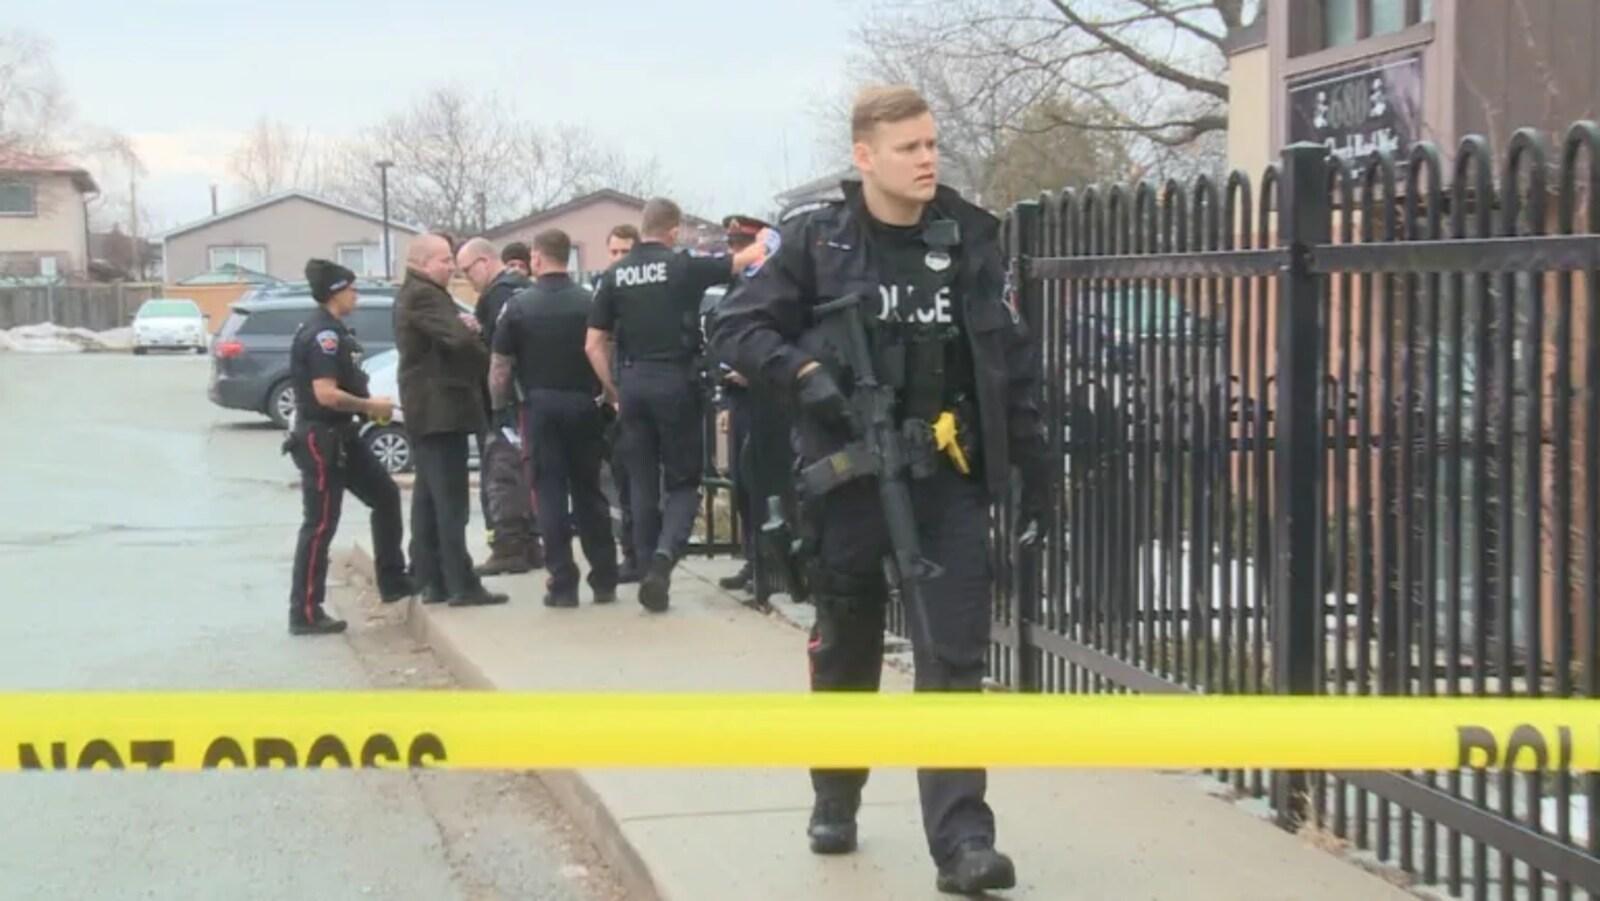 Des policiers sont rassemblés sur un trottoir, un officier au premier plan tient une arme d'assaut, tous se trouvent derrière un ruban de sécurité.